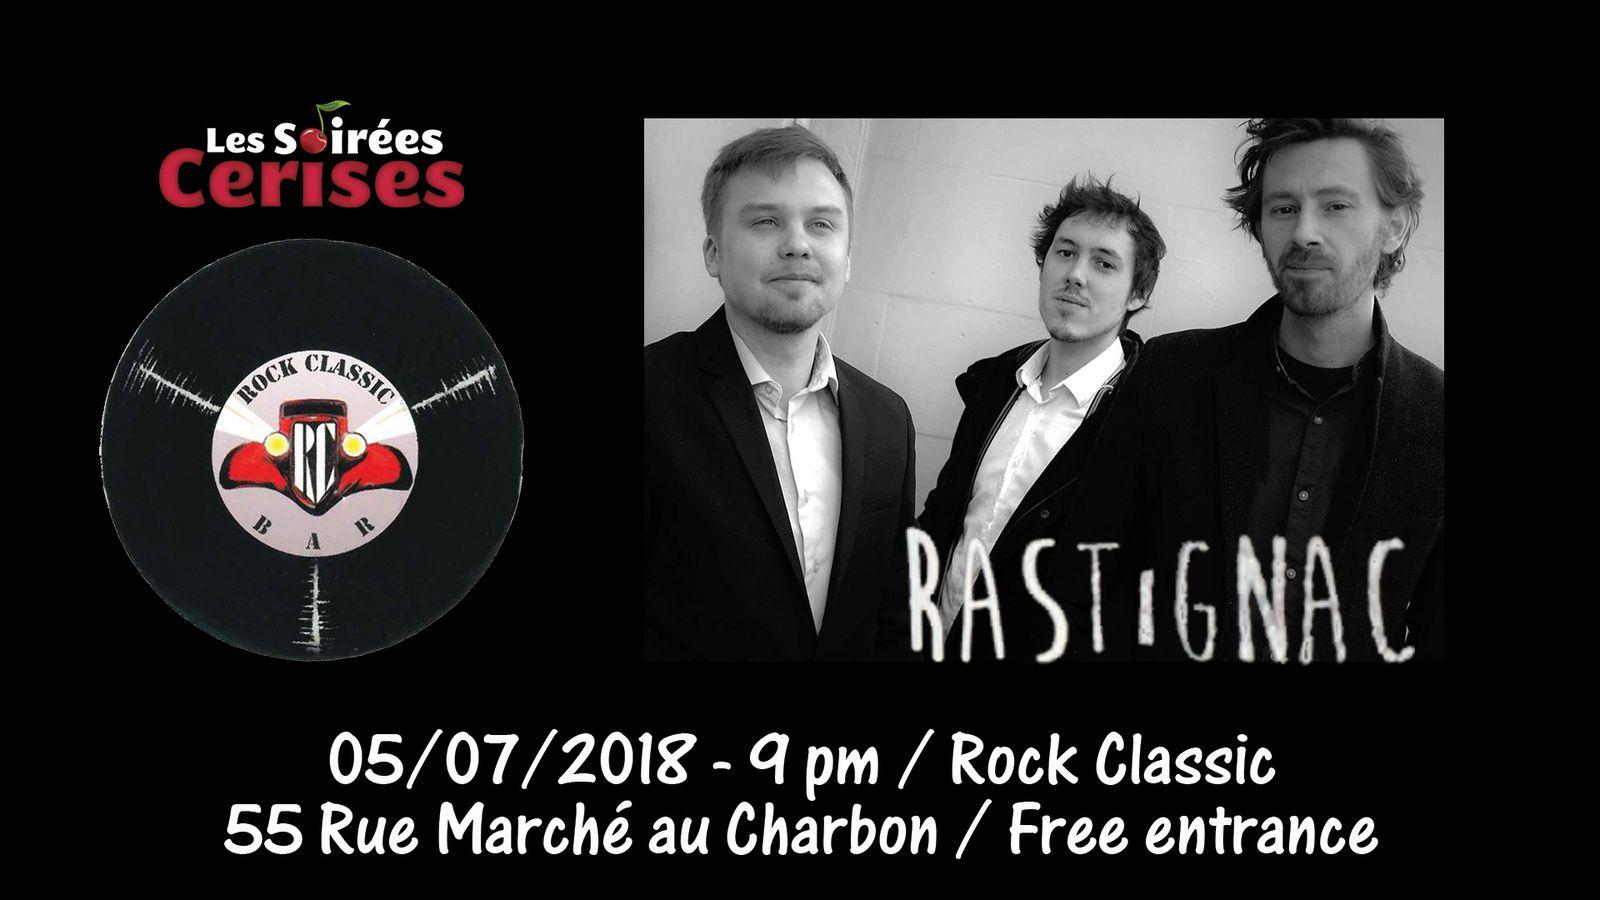 ▶ Rastignac @ Rock Classic - 05/07/2018 - 21h00 - Entrée gratuite/Free entrance